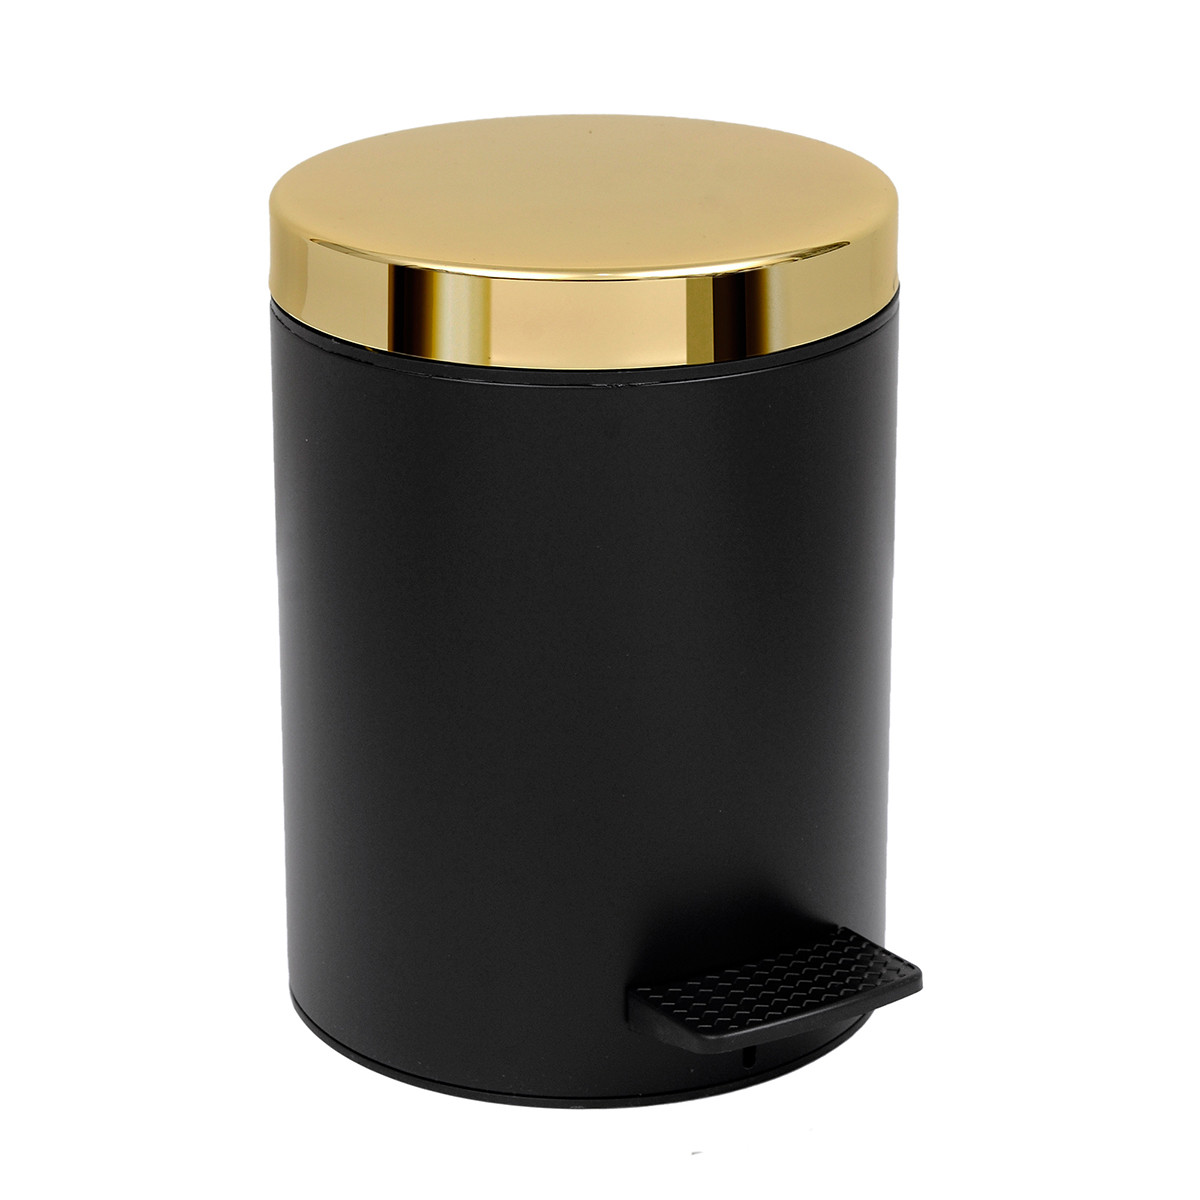 Κάδος Απορριμμάτων (20×28) PamCo 5Lit 106 Black Matte/Gold